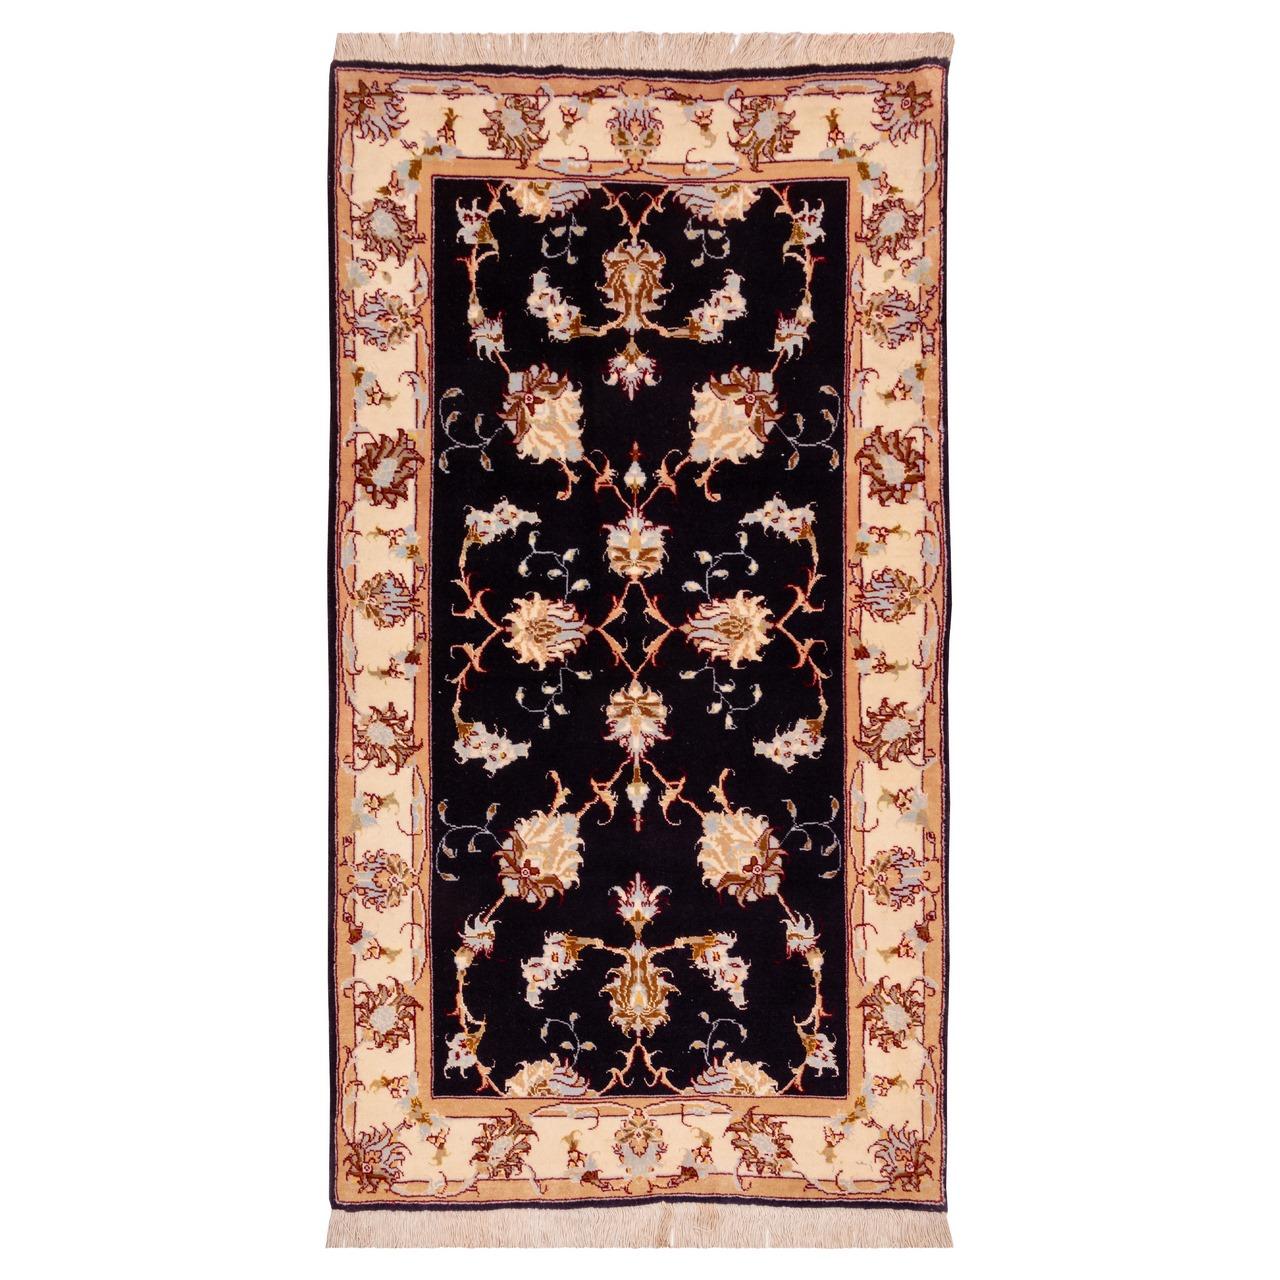 فرش دستباف یک متری سی پرشیا کد 181032 یک جفت